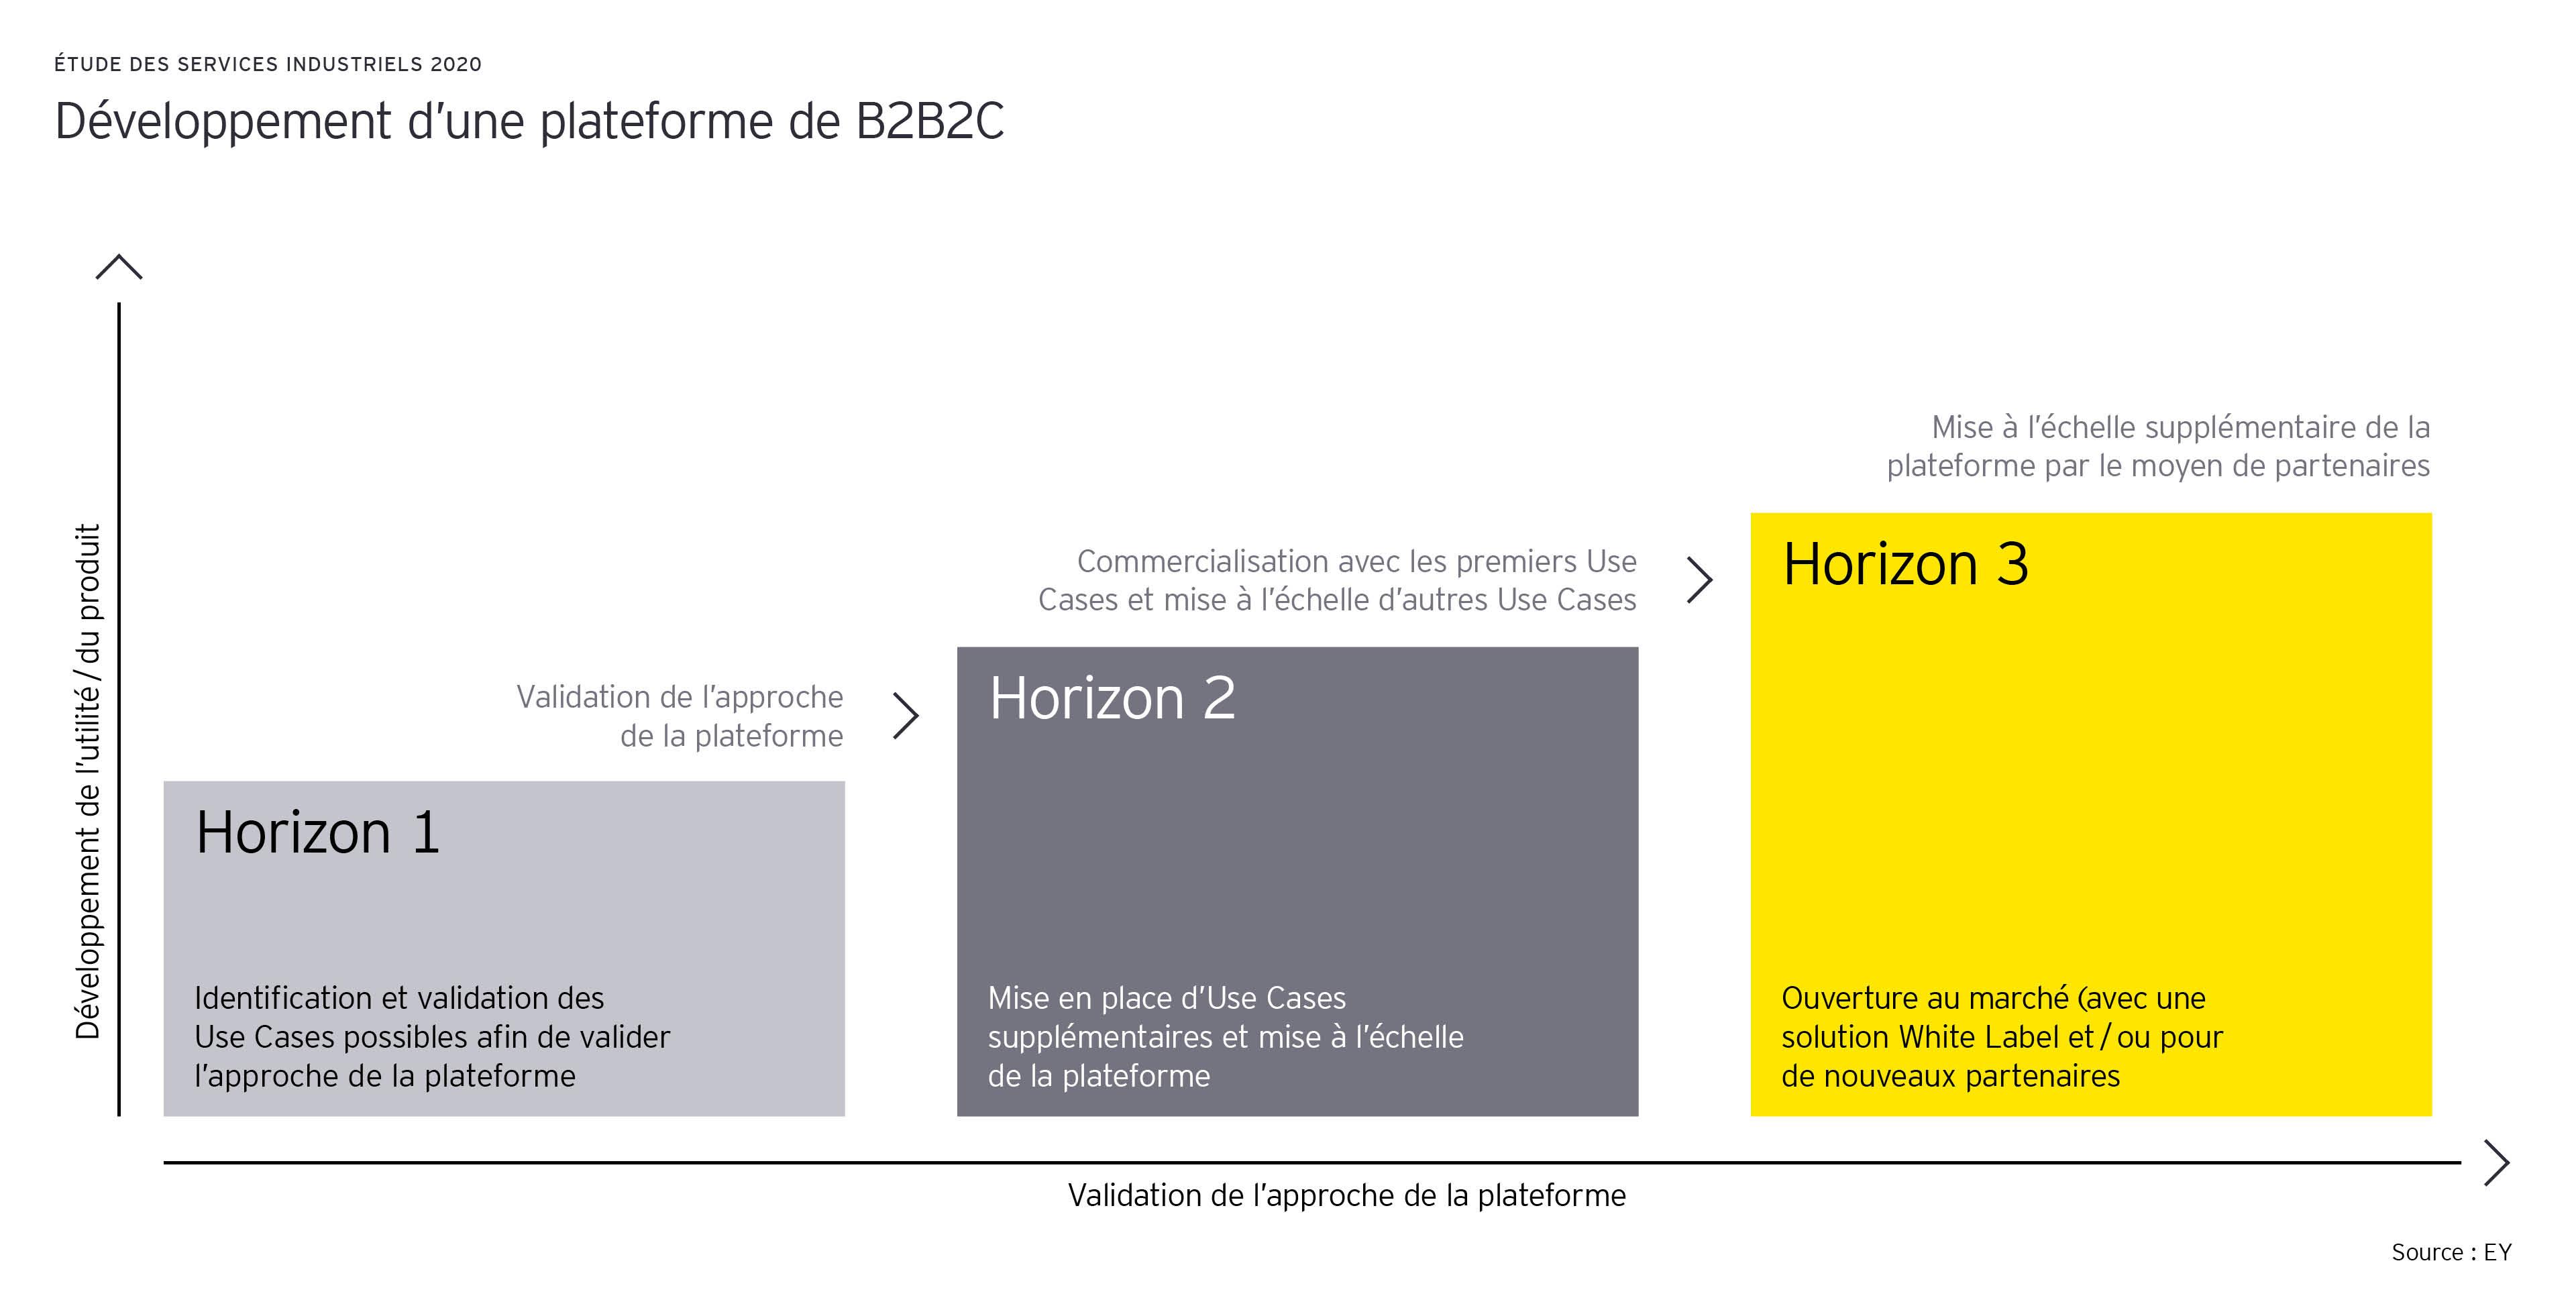 Développement d'une plateforme de B2B2C